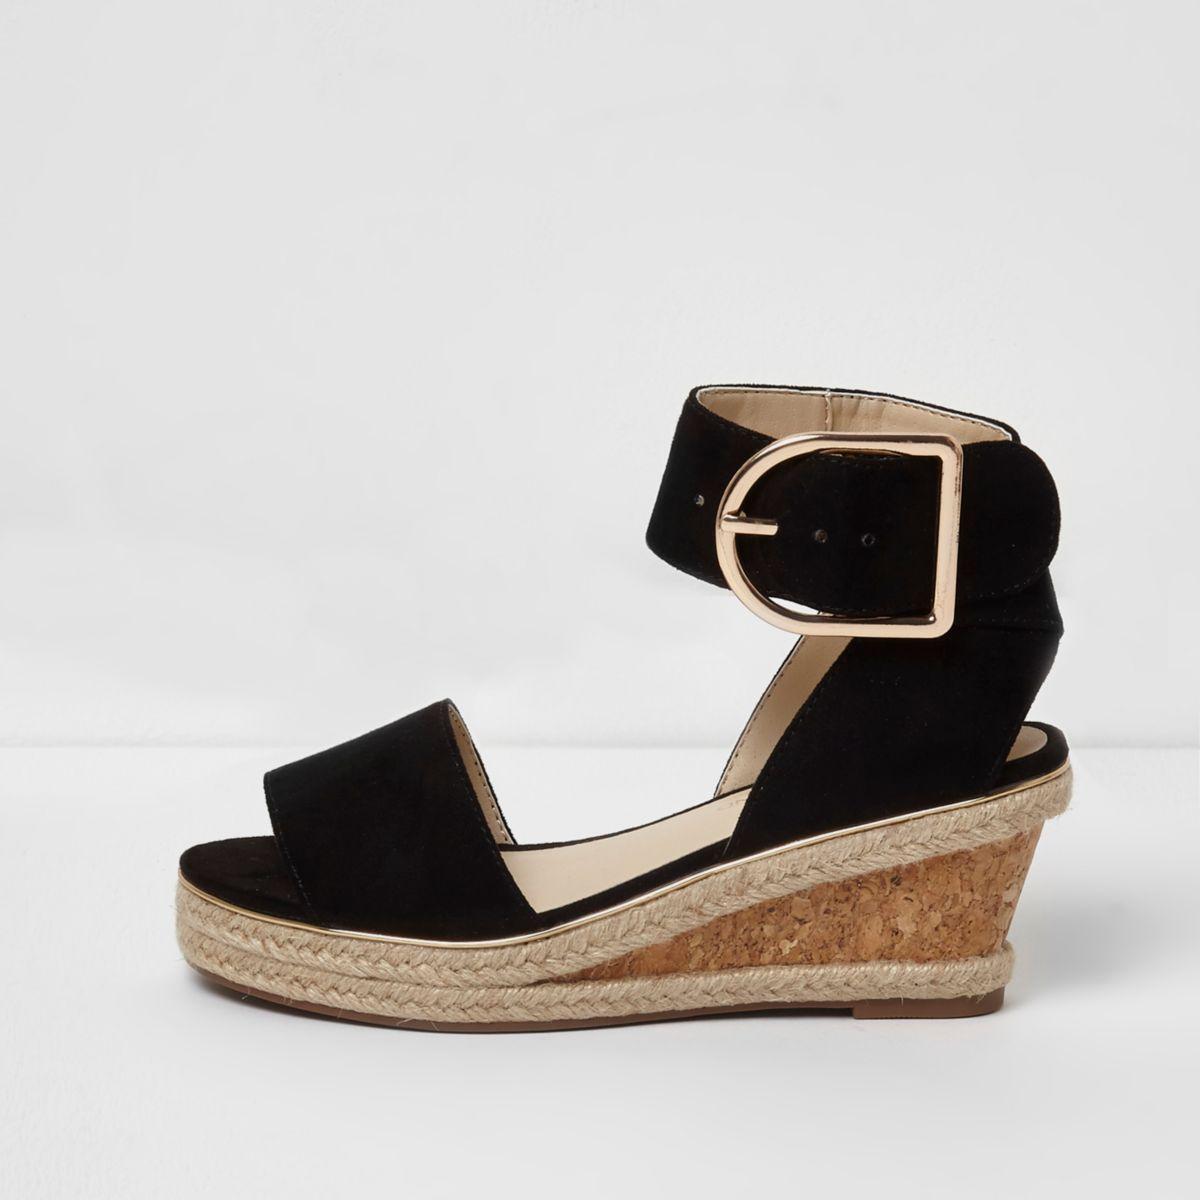 Sandales noires à talon compensé en liège façon espadrille pour fille